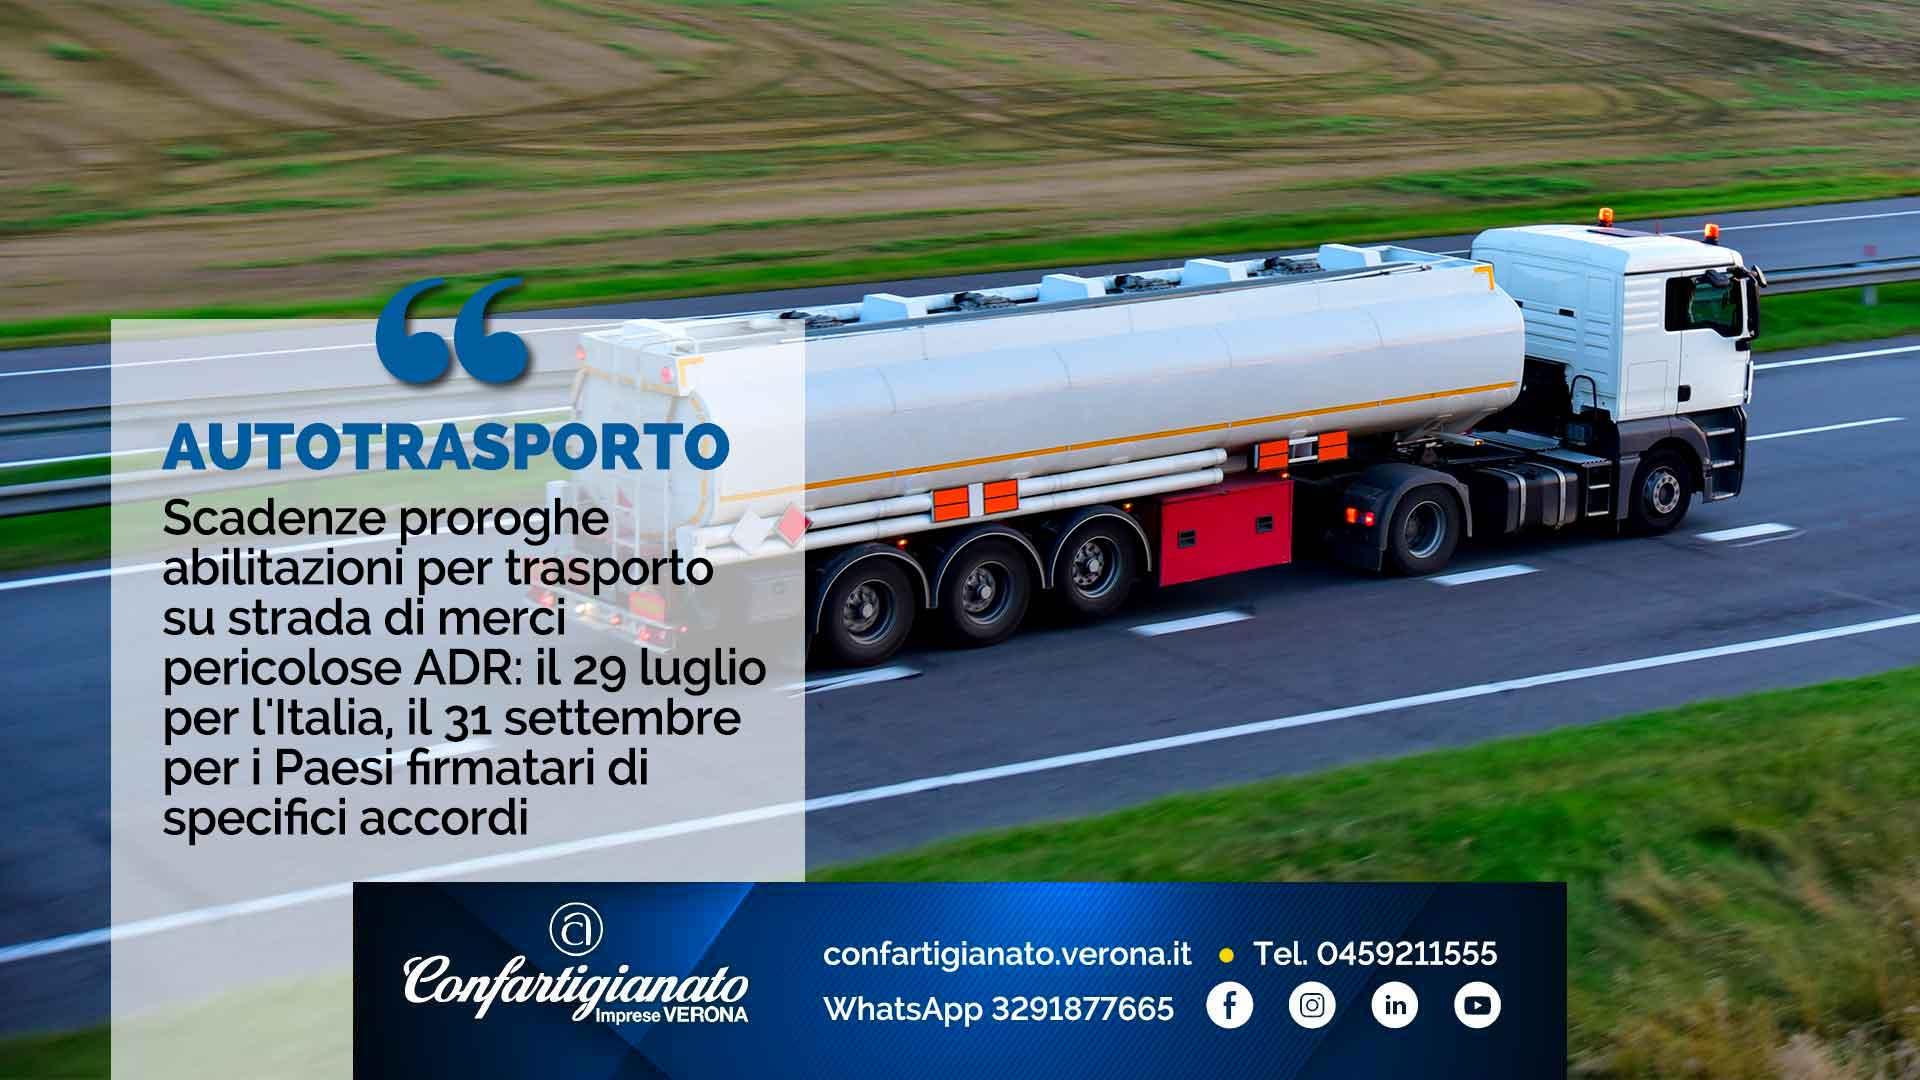 AUTOTRASPORTO – Scadenze proroghe abilitazioni per trasporto su strada di merci pericolose ADR: il 29 luglio per l'Italia, il 31 settembre per i Paesi firmatari di specifici accordi